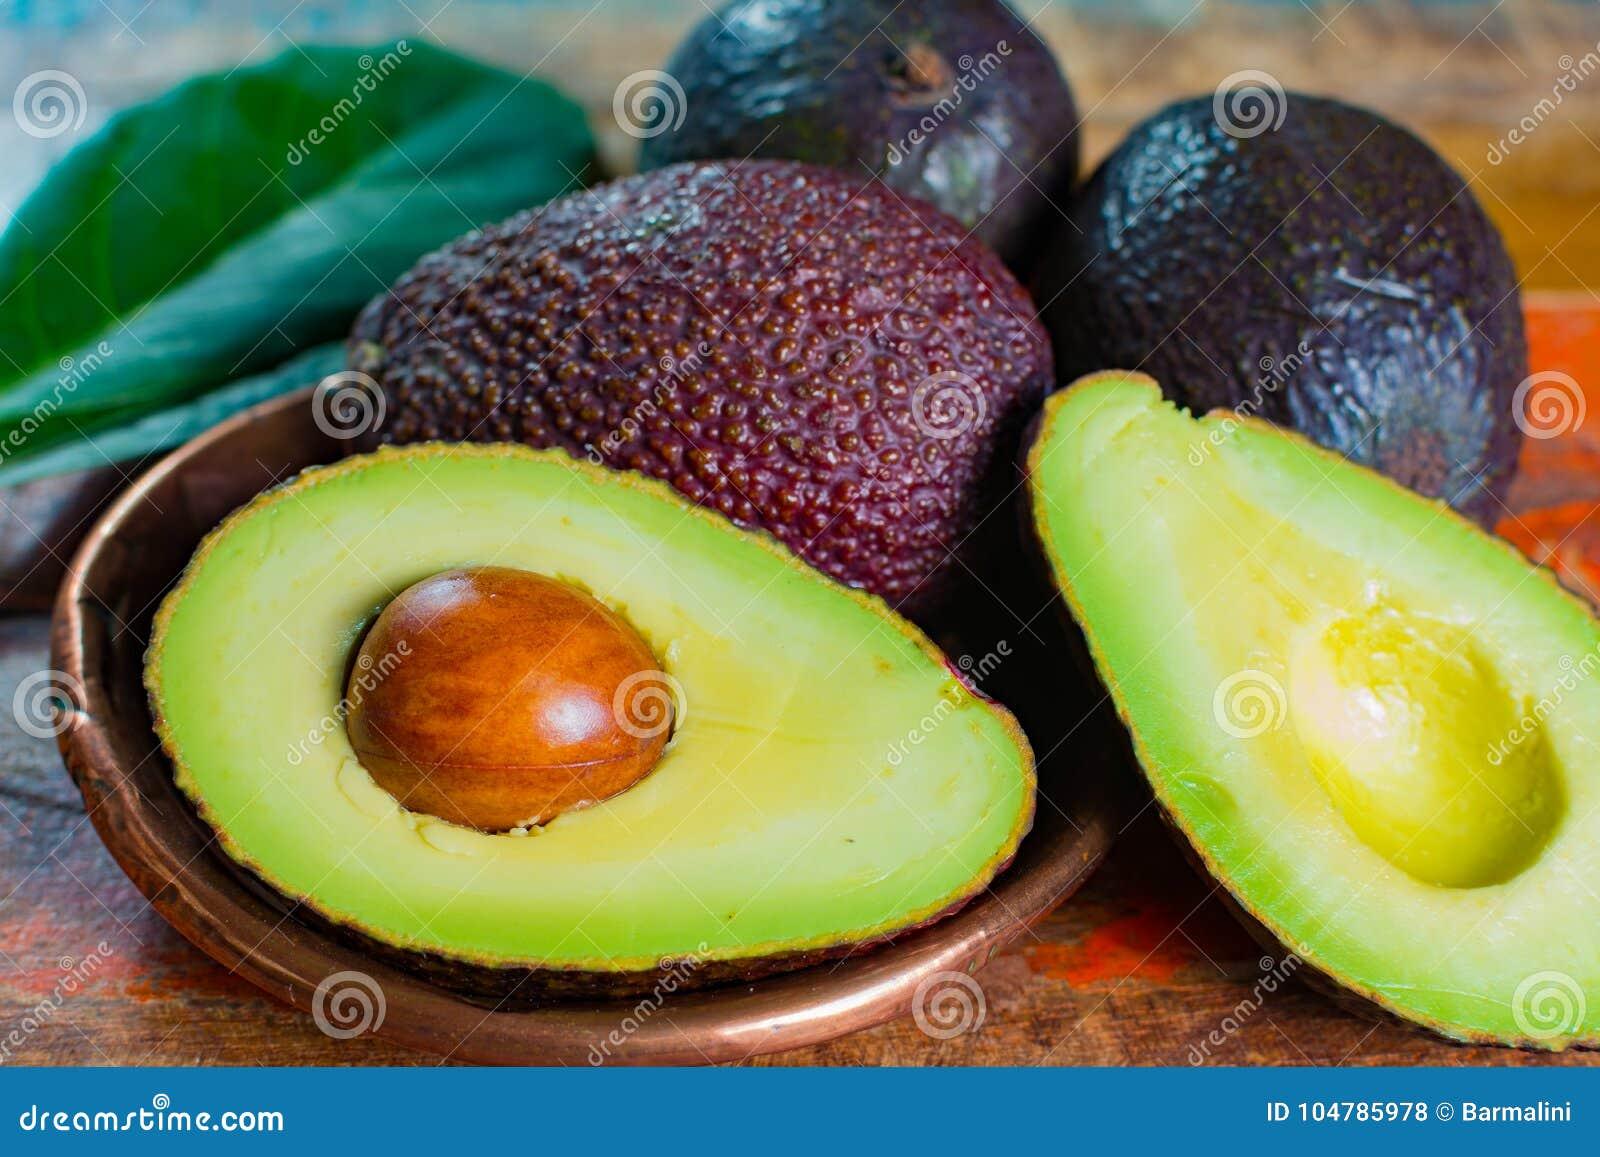 Υγιές χορτοφάγο πράσινο ώριμο αβοκάντο τροφίμων †«, νέα συγκομιδή, πνεύμα